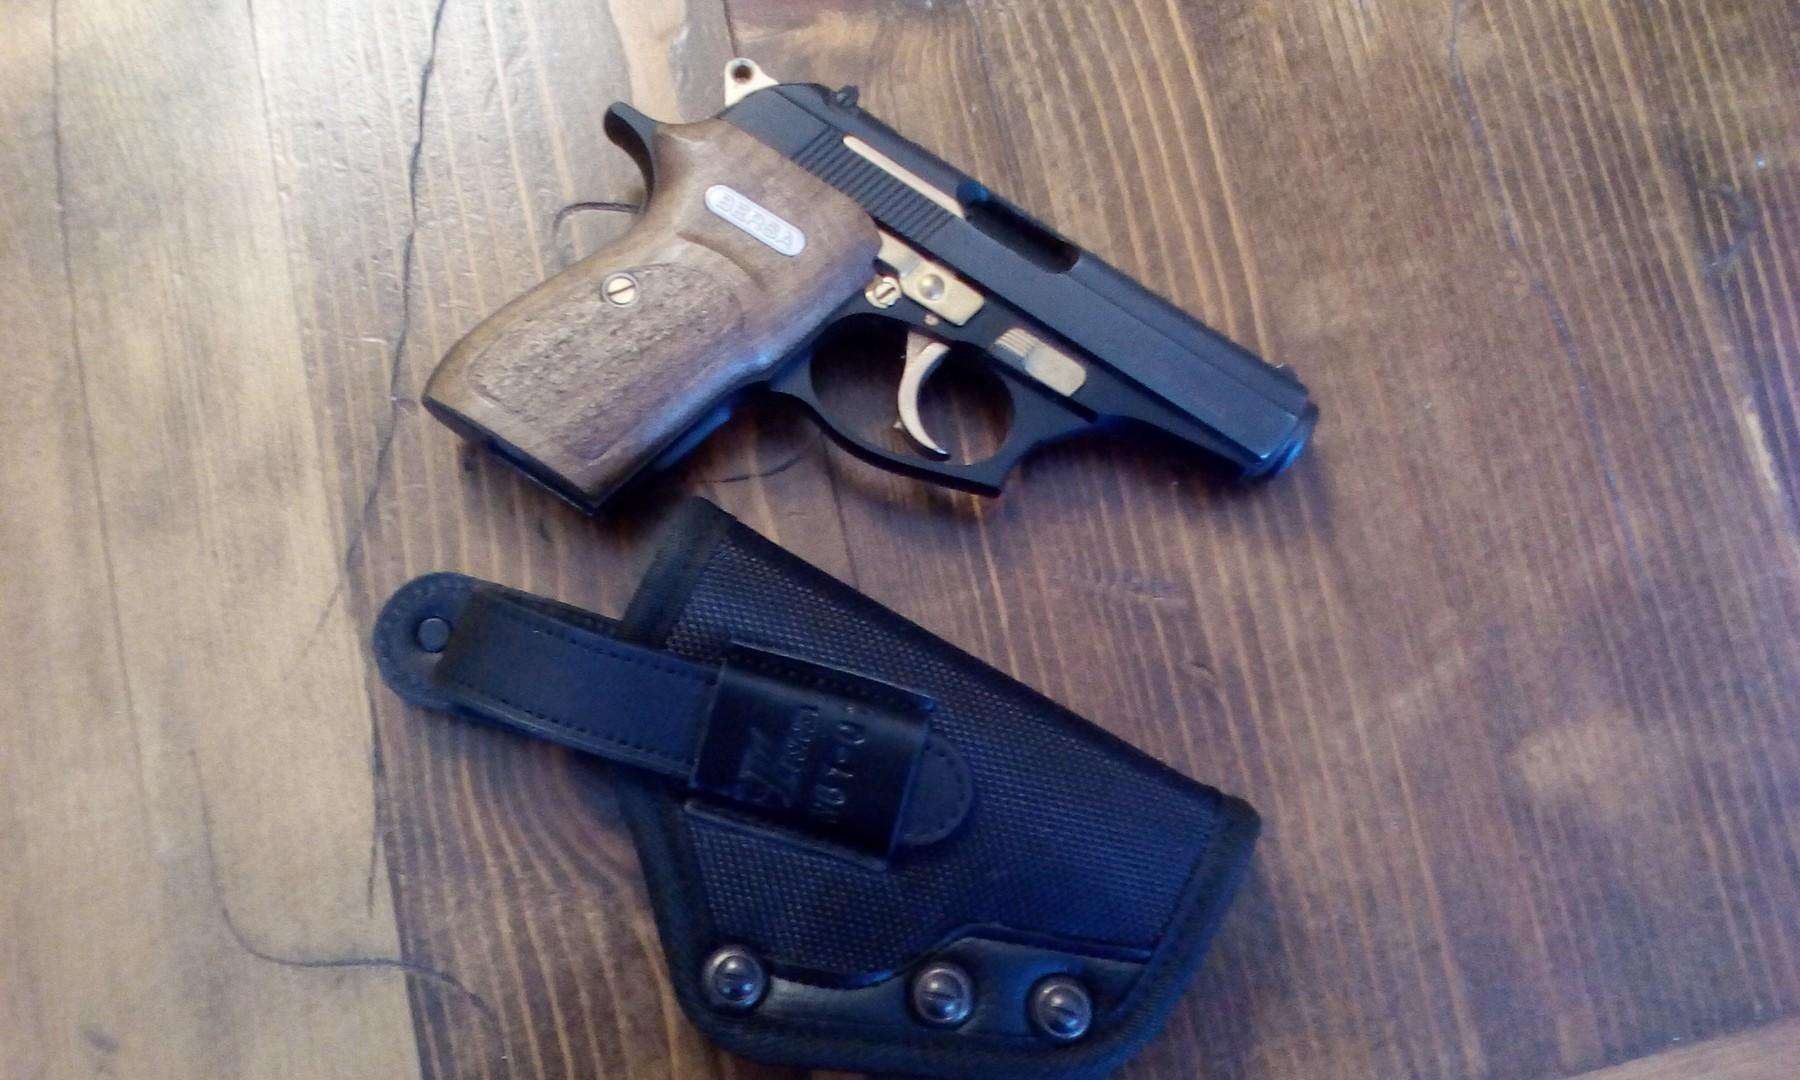 Very nice holster for smaller handguns